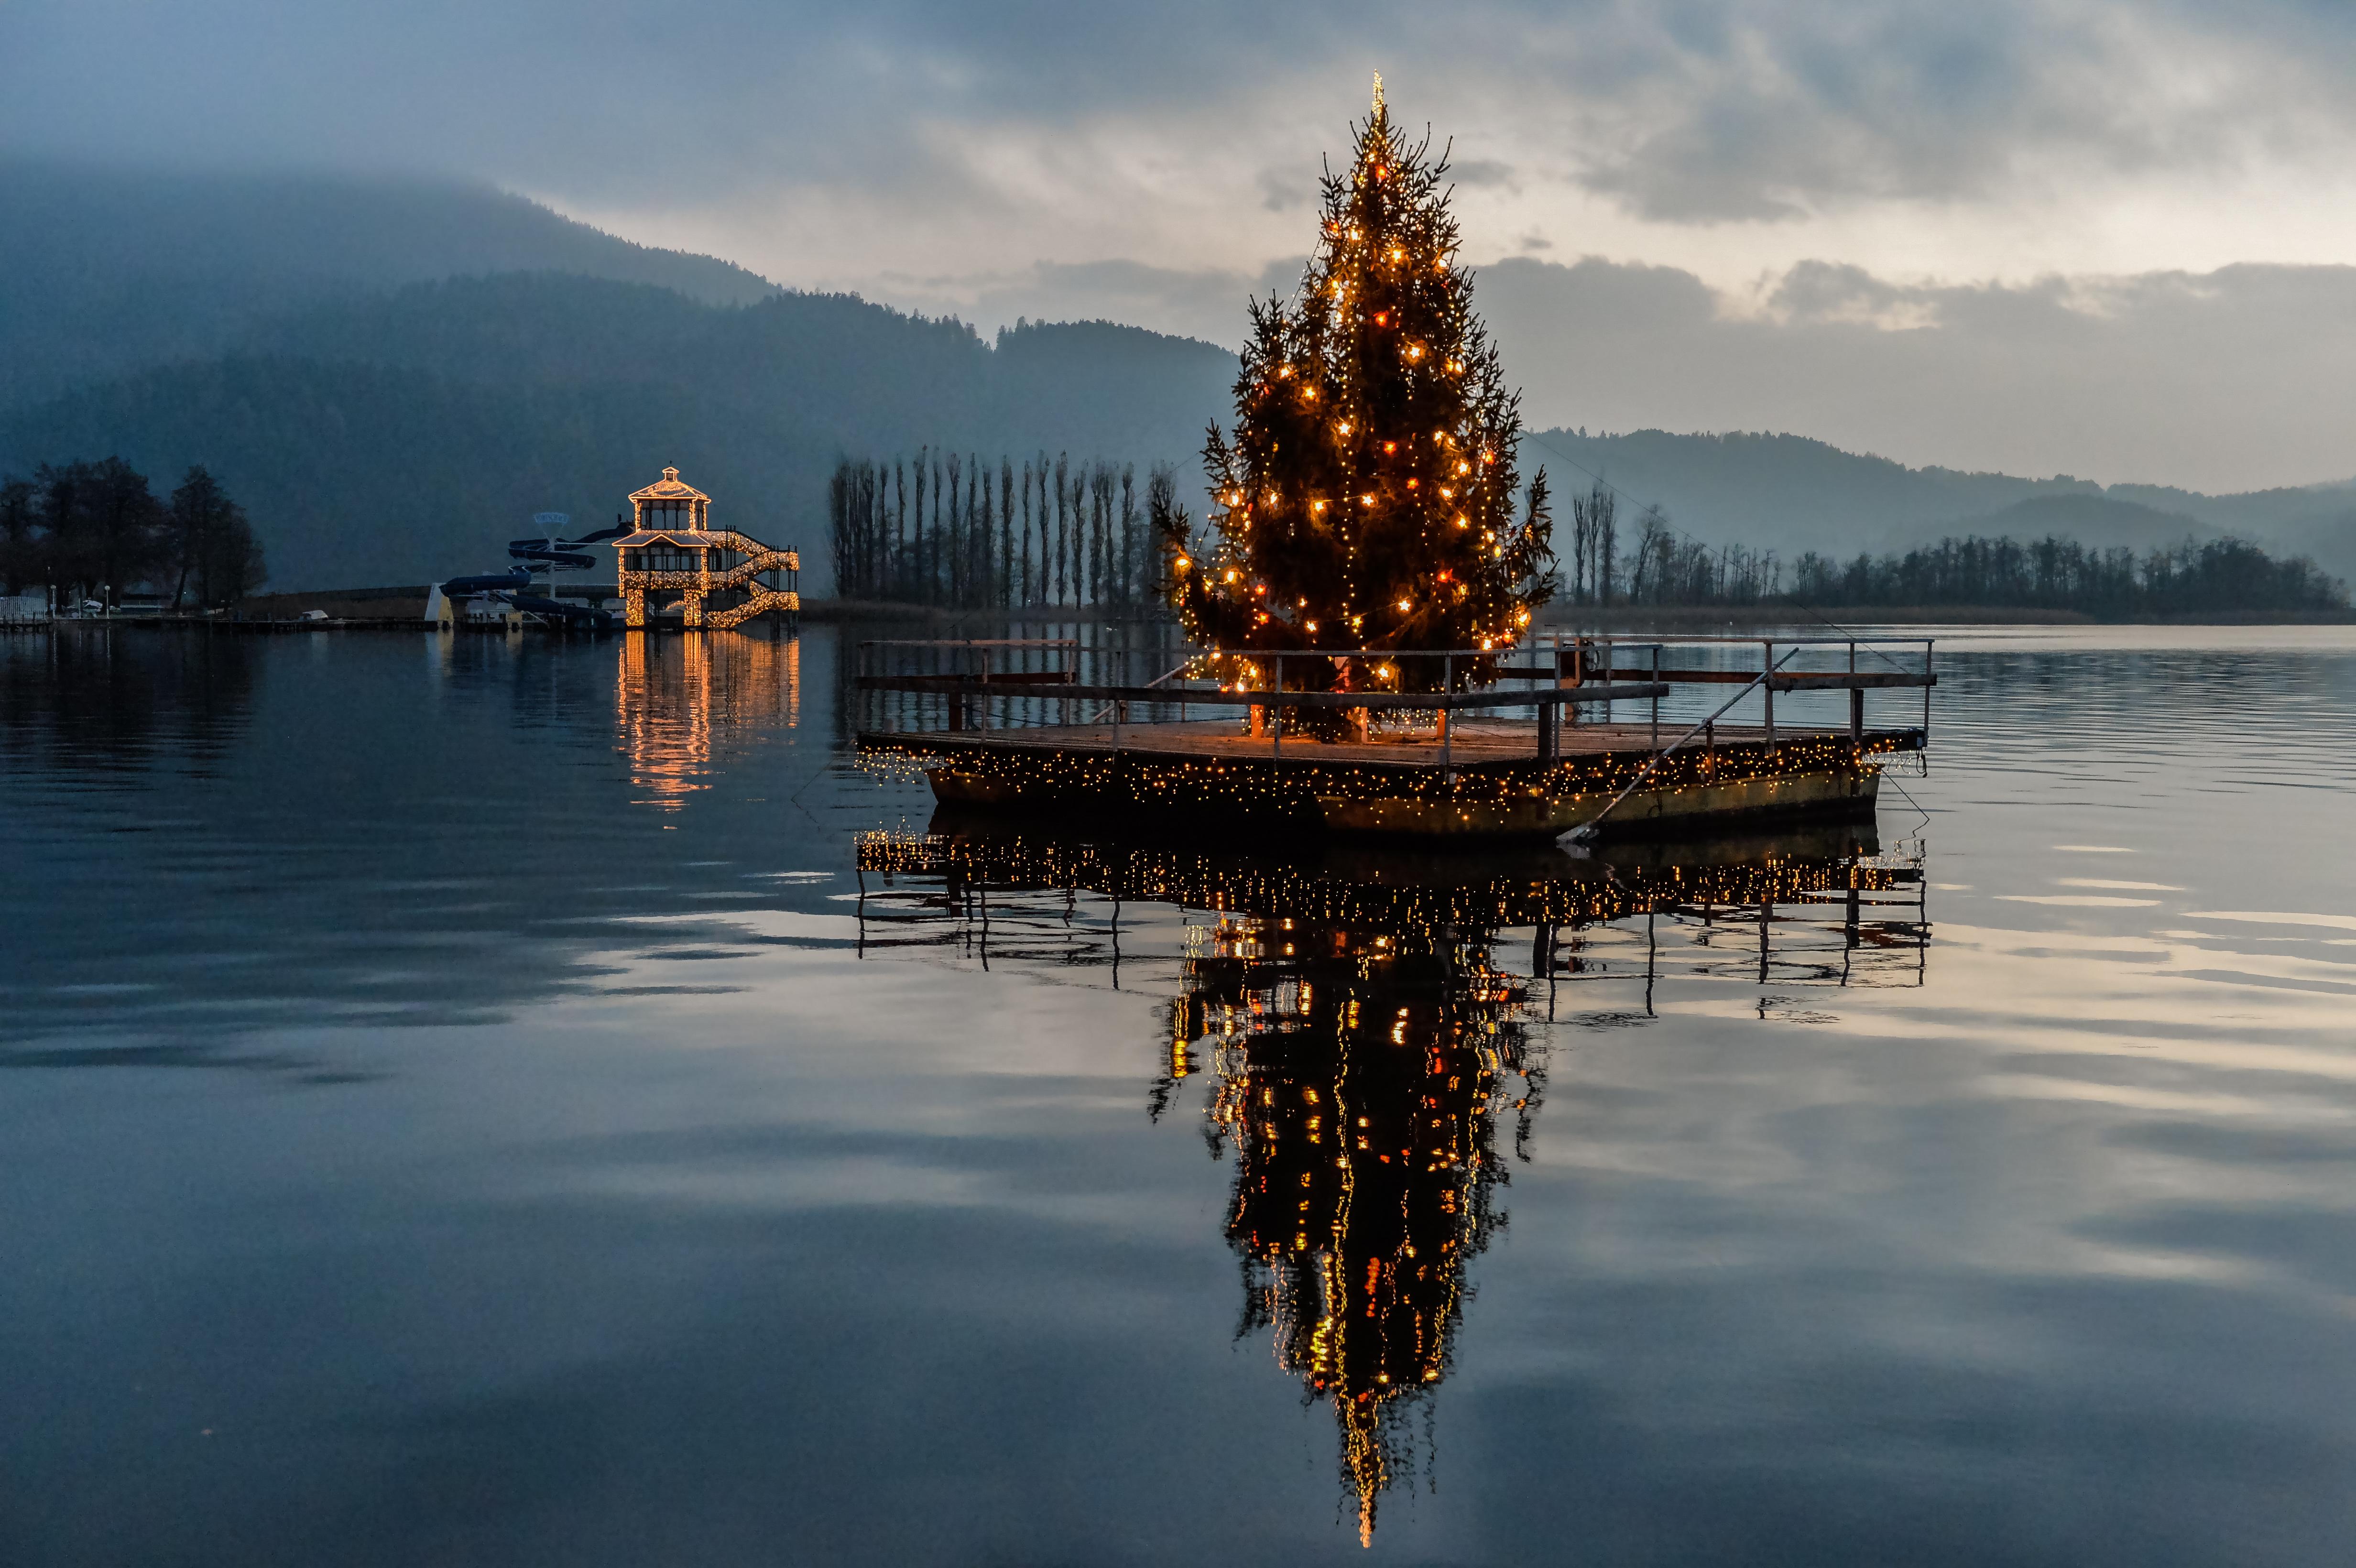 Foto Weihnachtsbaum.Datoteca Portschach Stiller Advent See Weihnachtsbaum